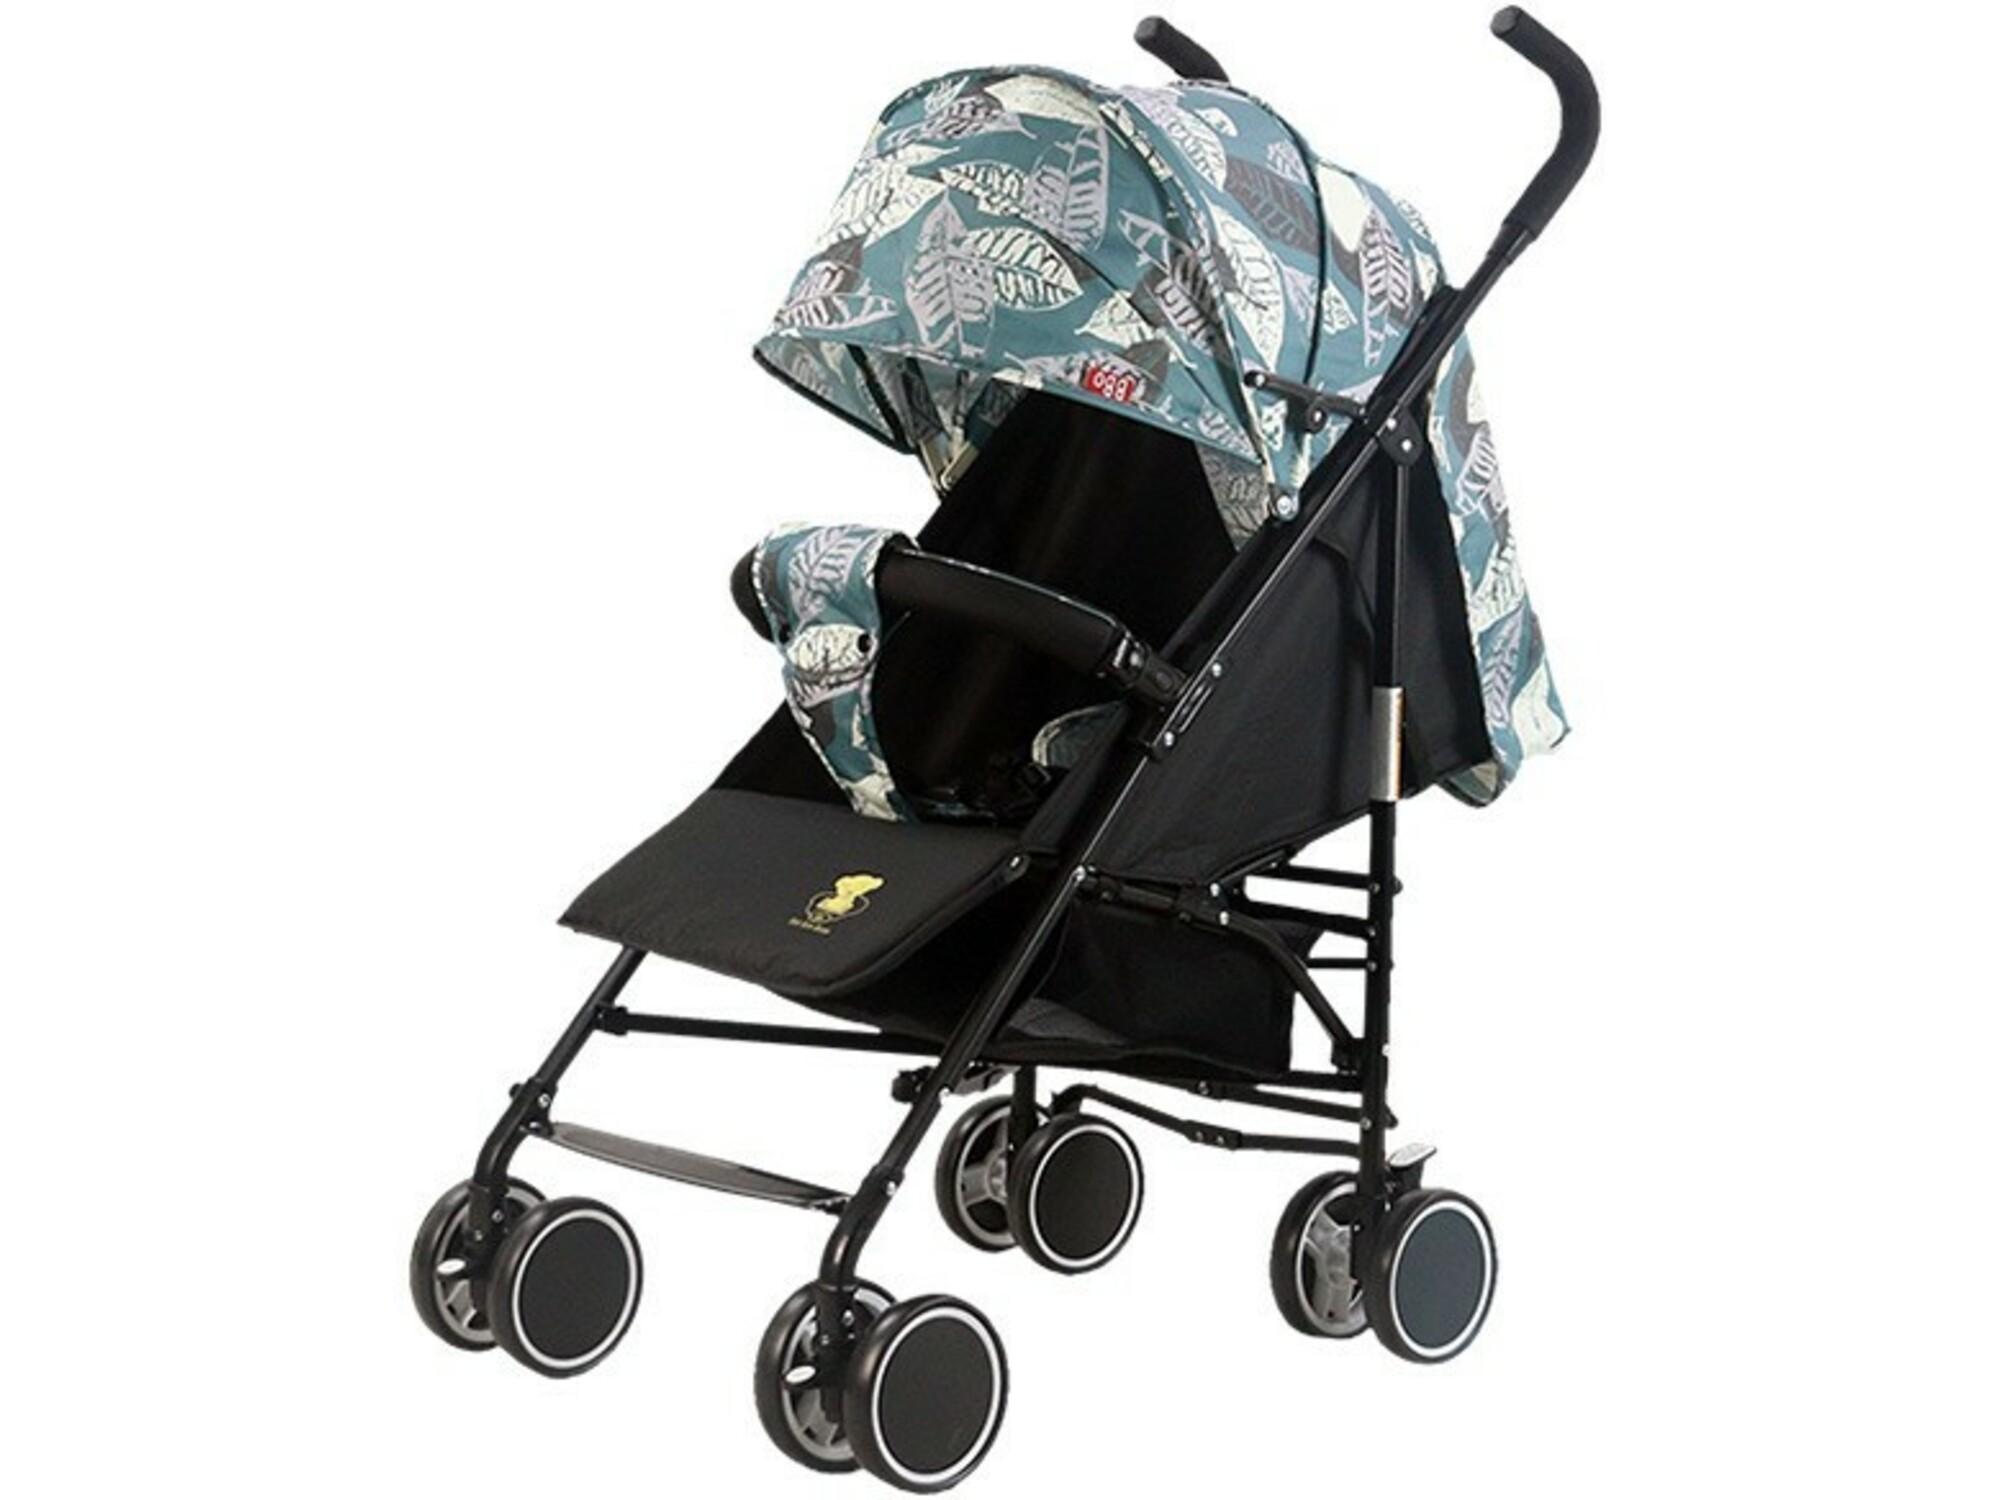 Bbo Kolica za bebe Modena S200 Leaf